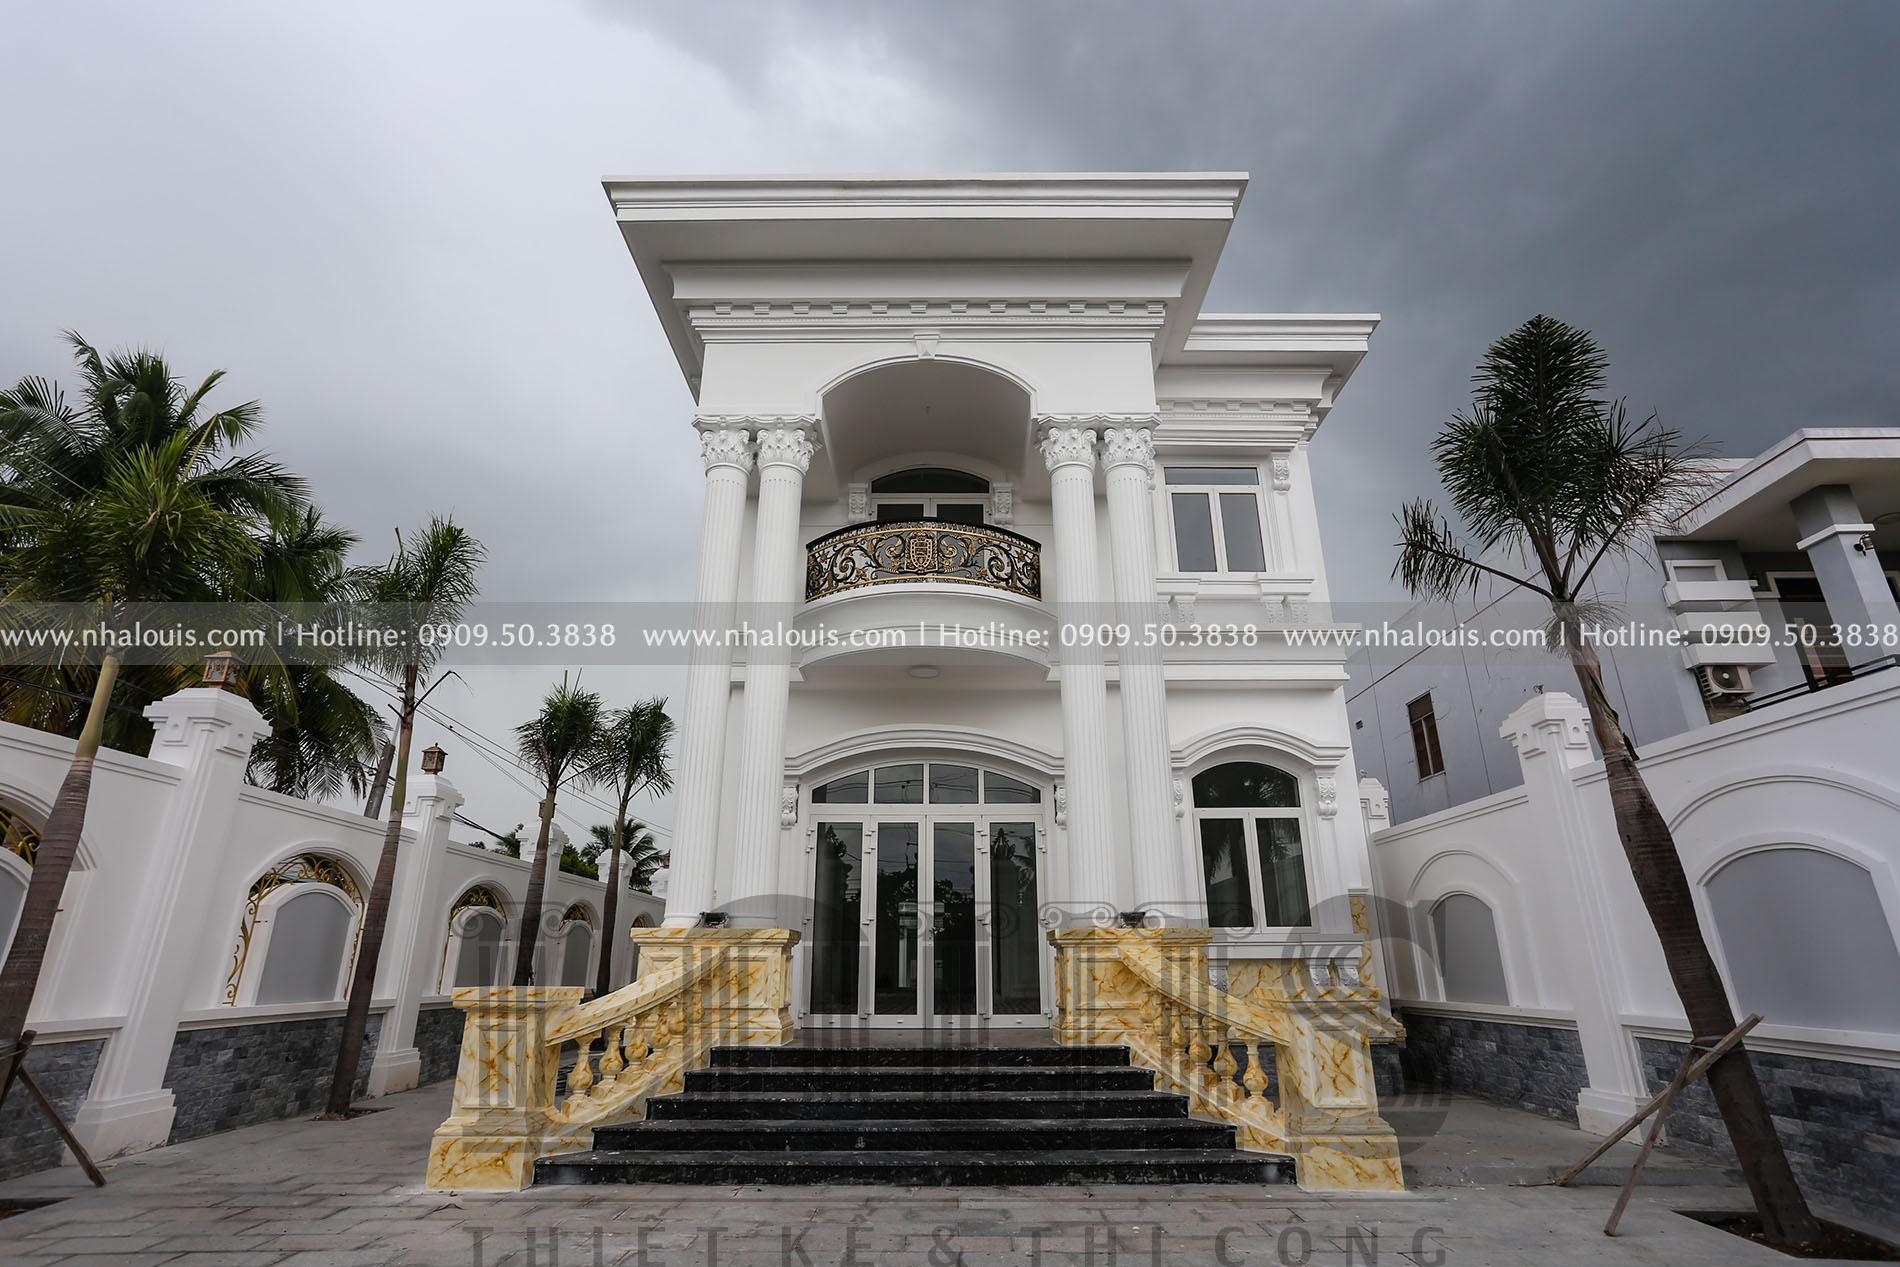 Khám phá câu chuyện phía sau biệt thự tân cổ điển 2 tầng tại Tây Ninh